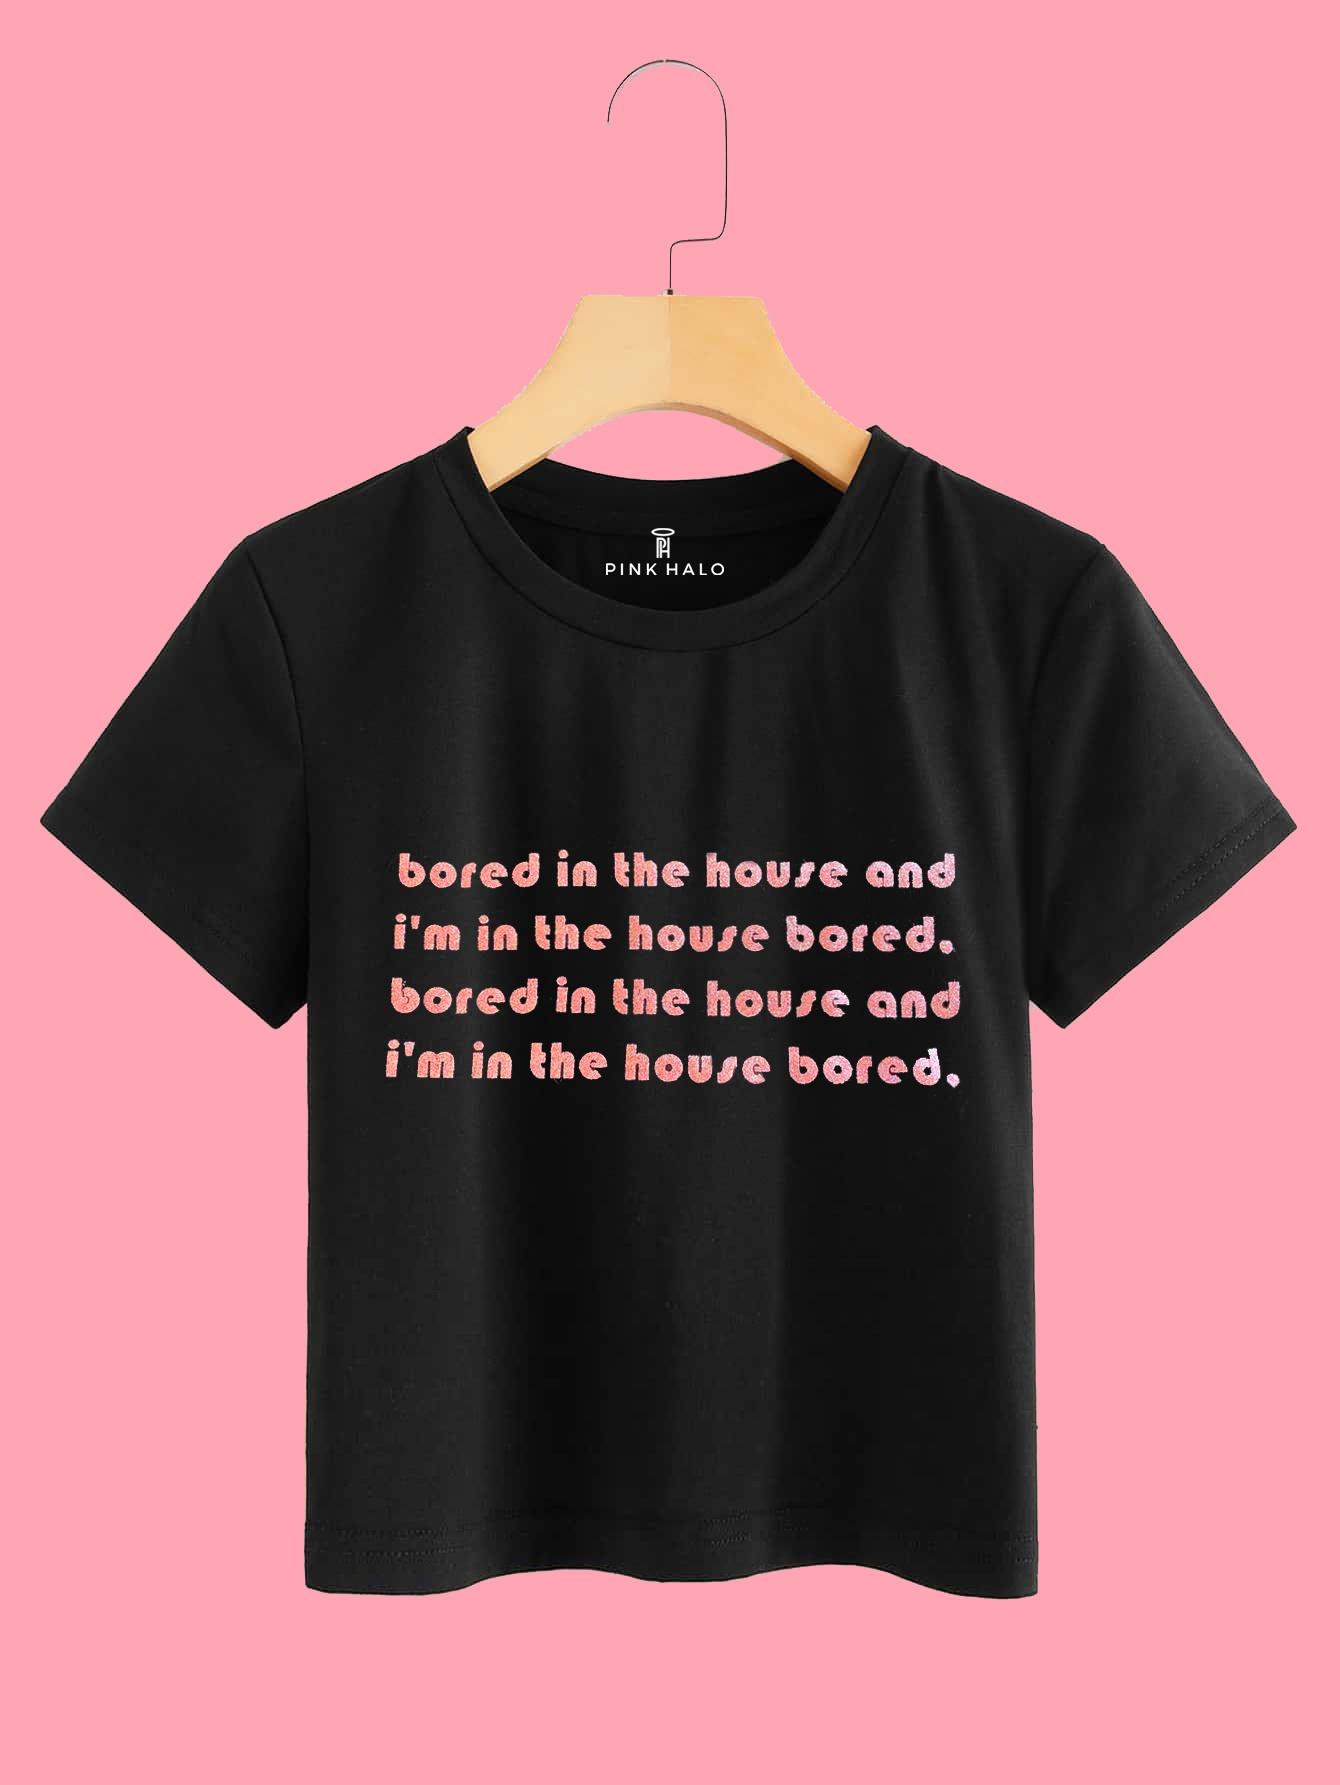 Bored Slogan Print Tee Kind Shop